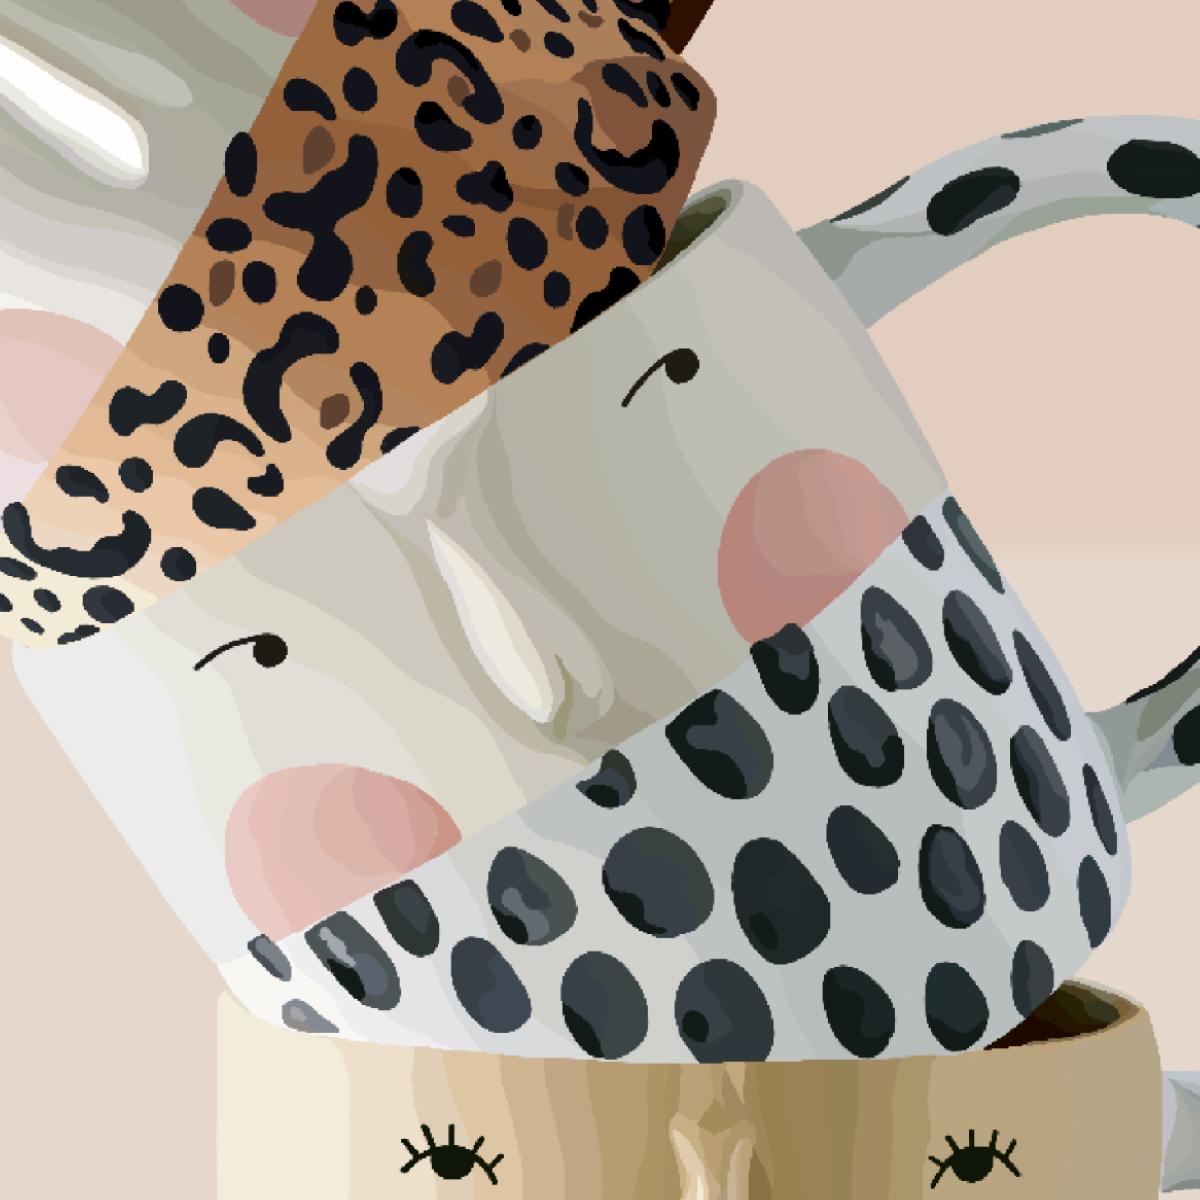 spot-illustration-texture-1